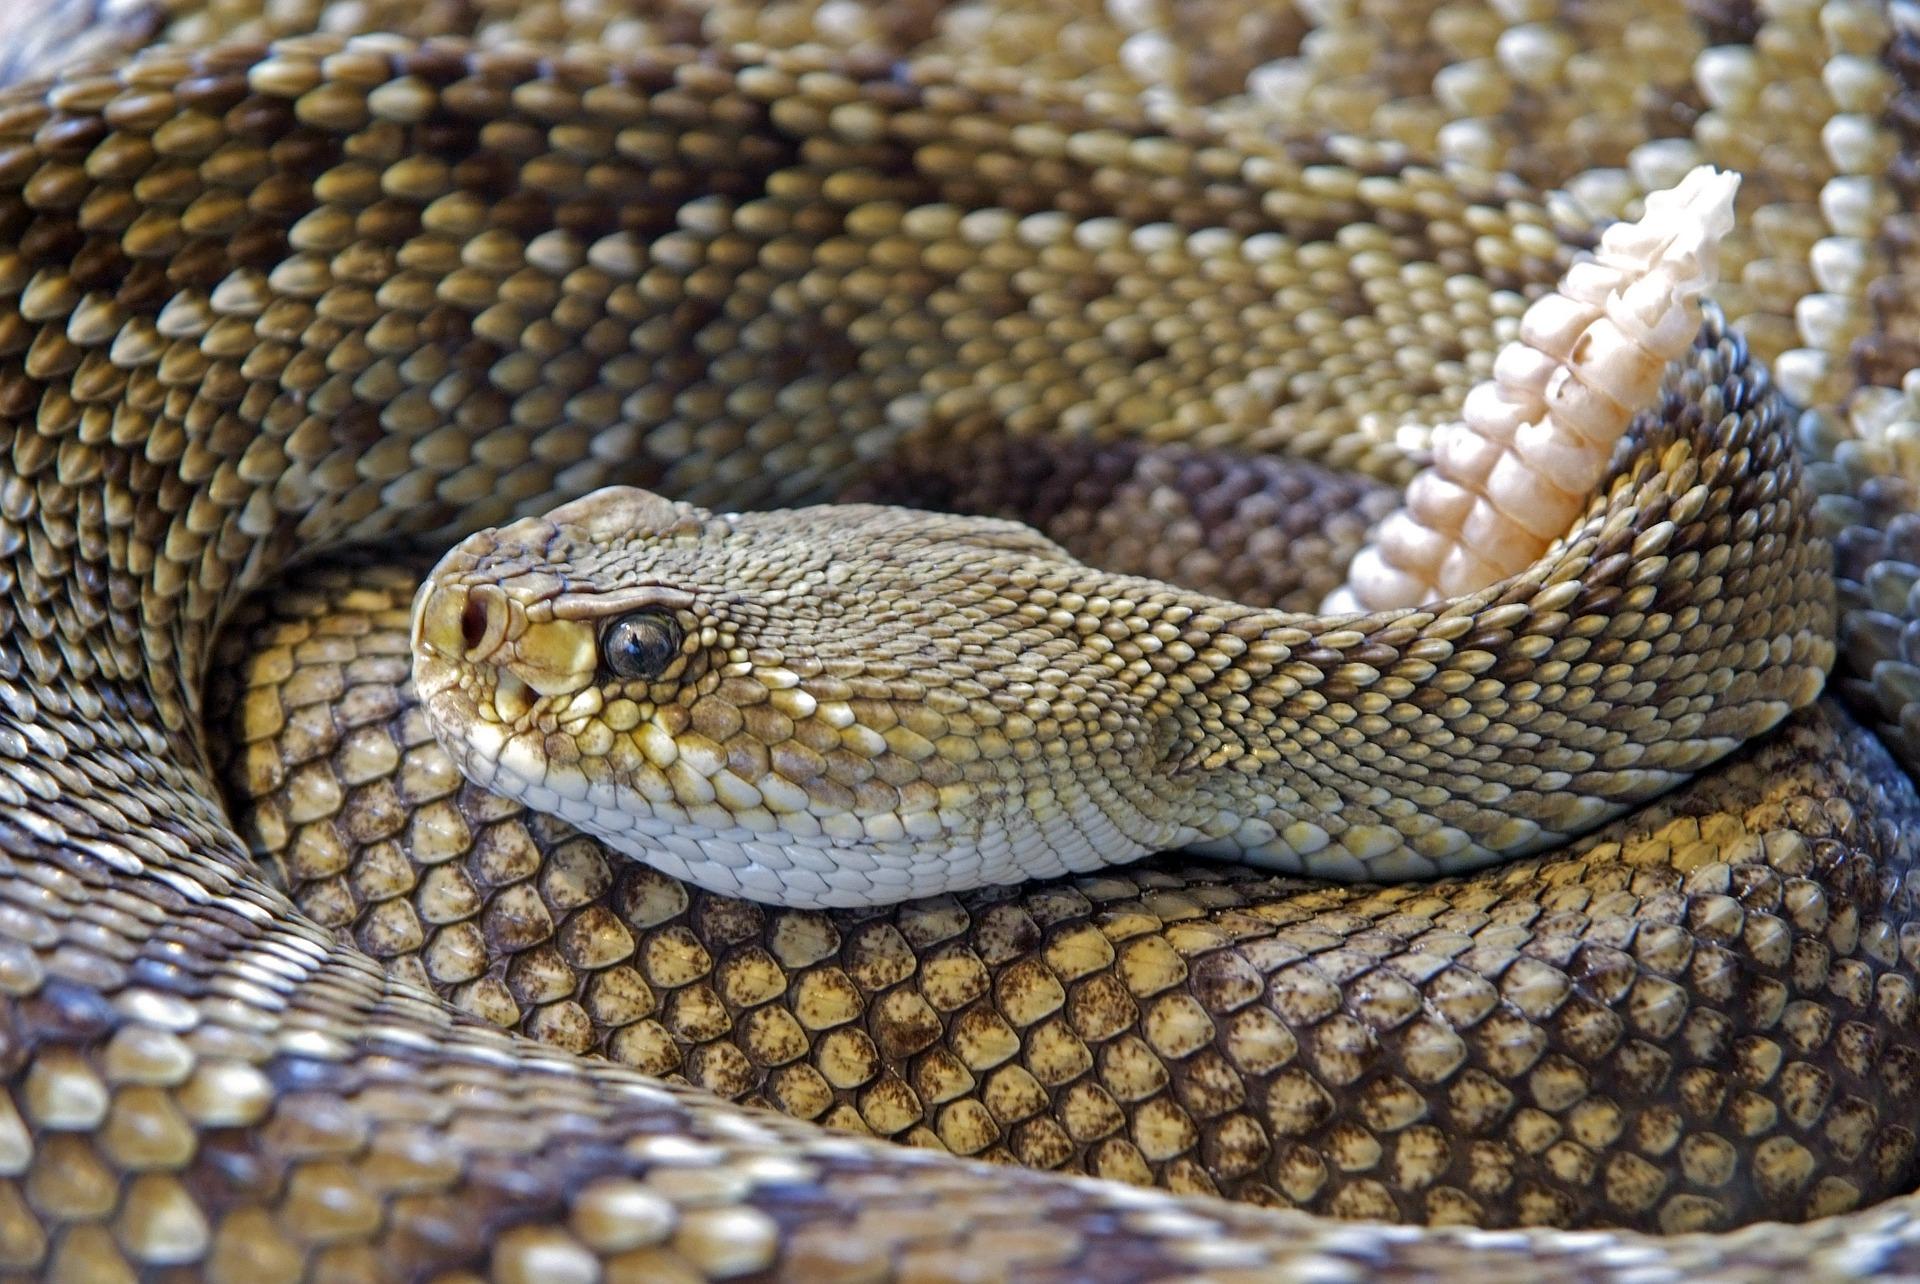 snake-751722_1920.jpg